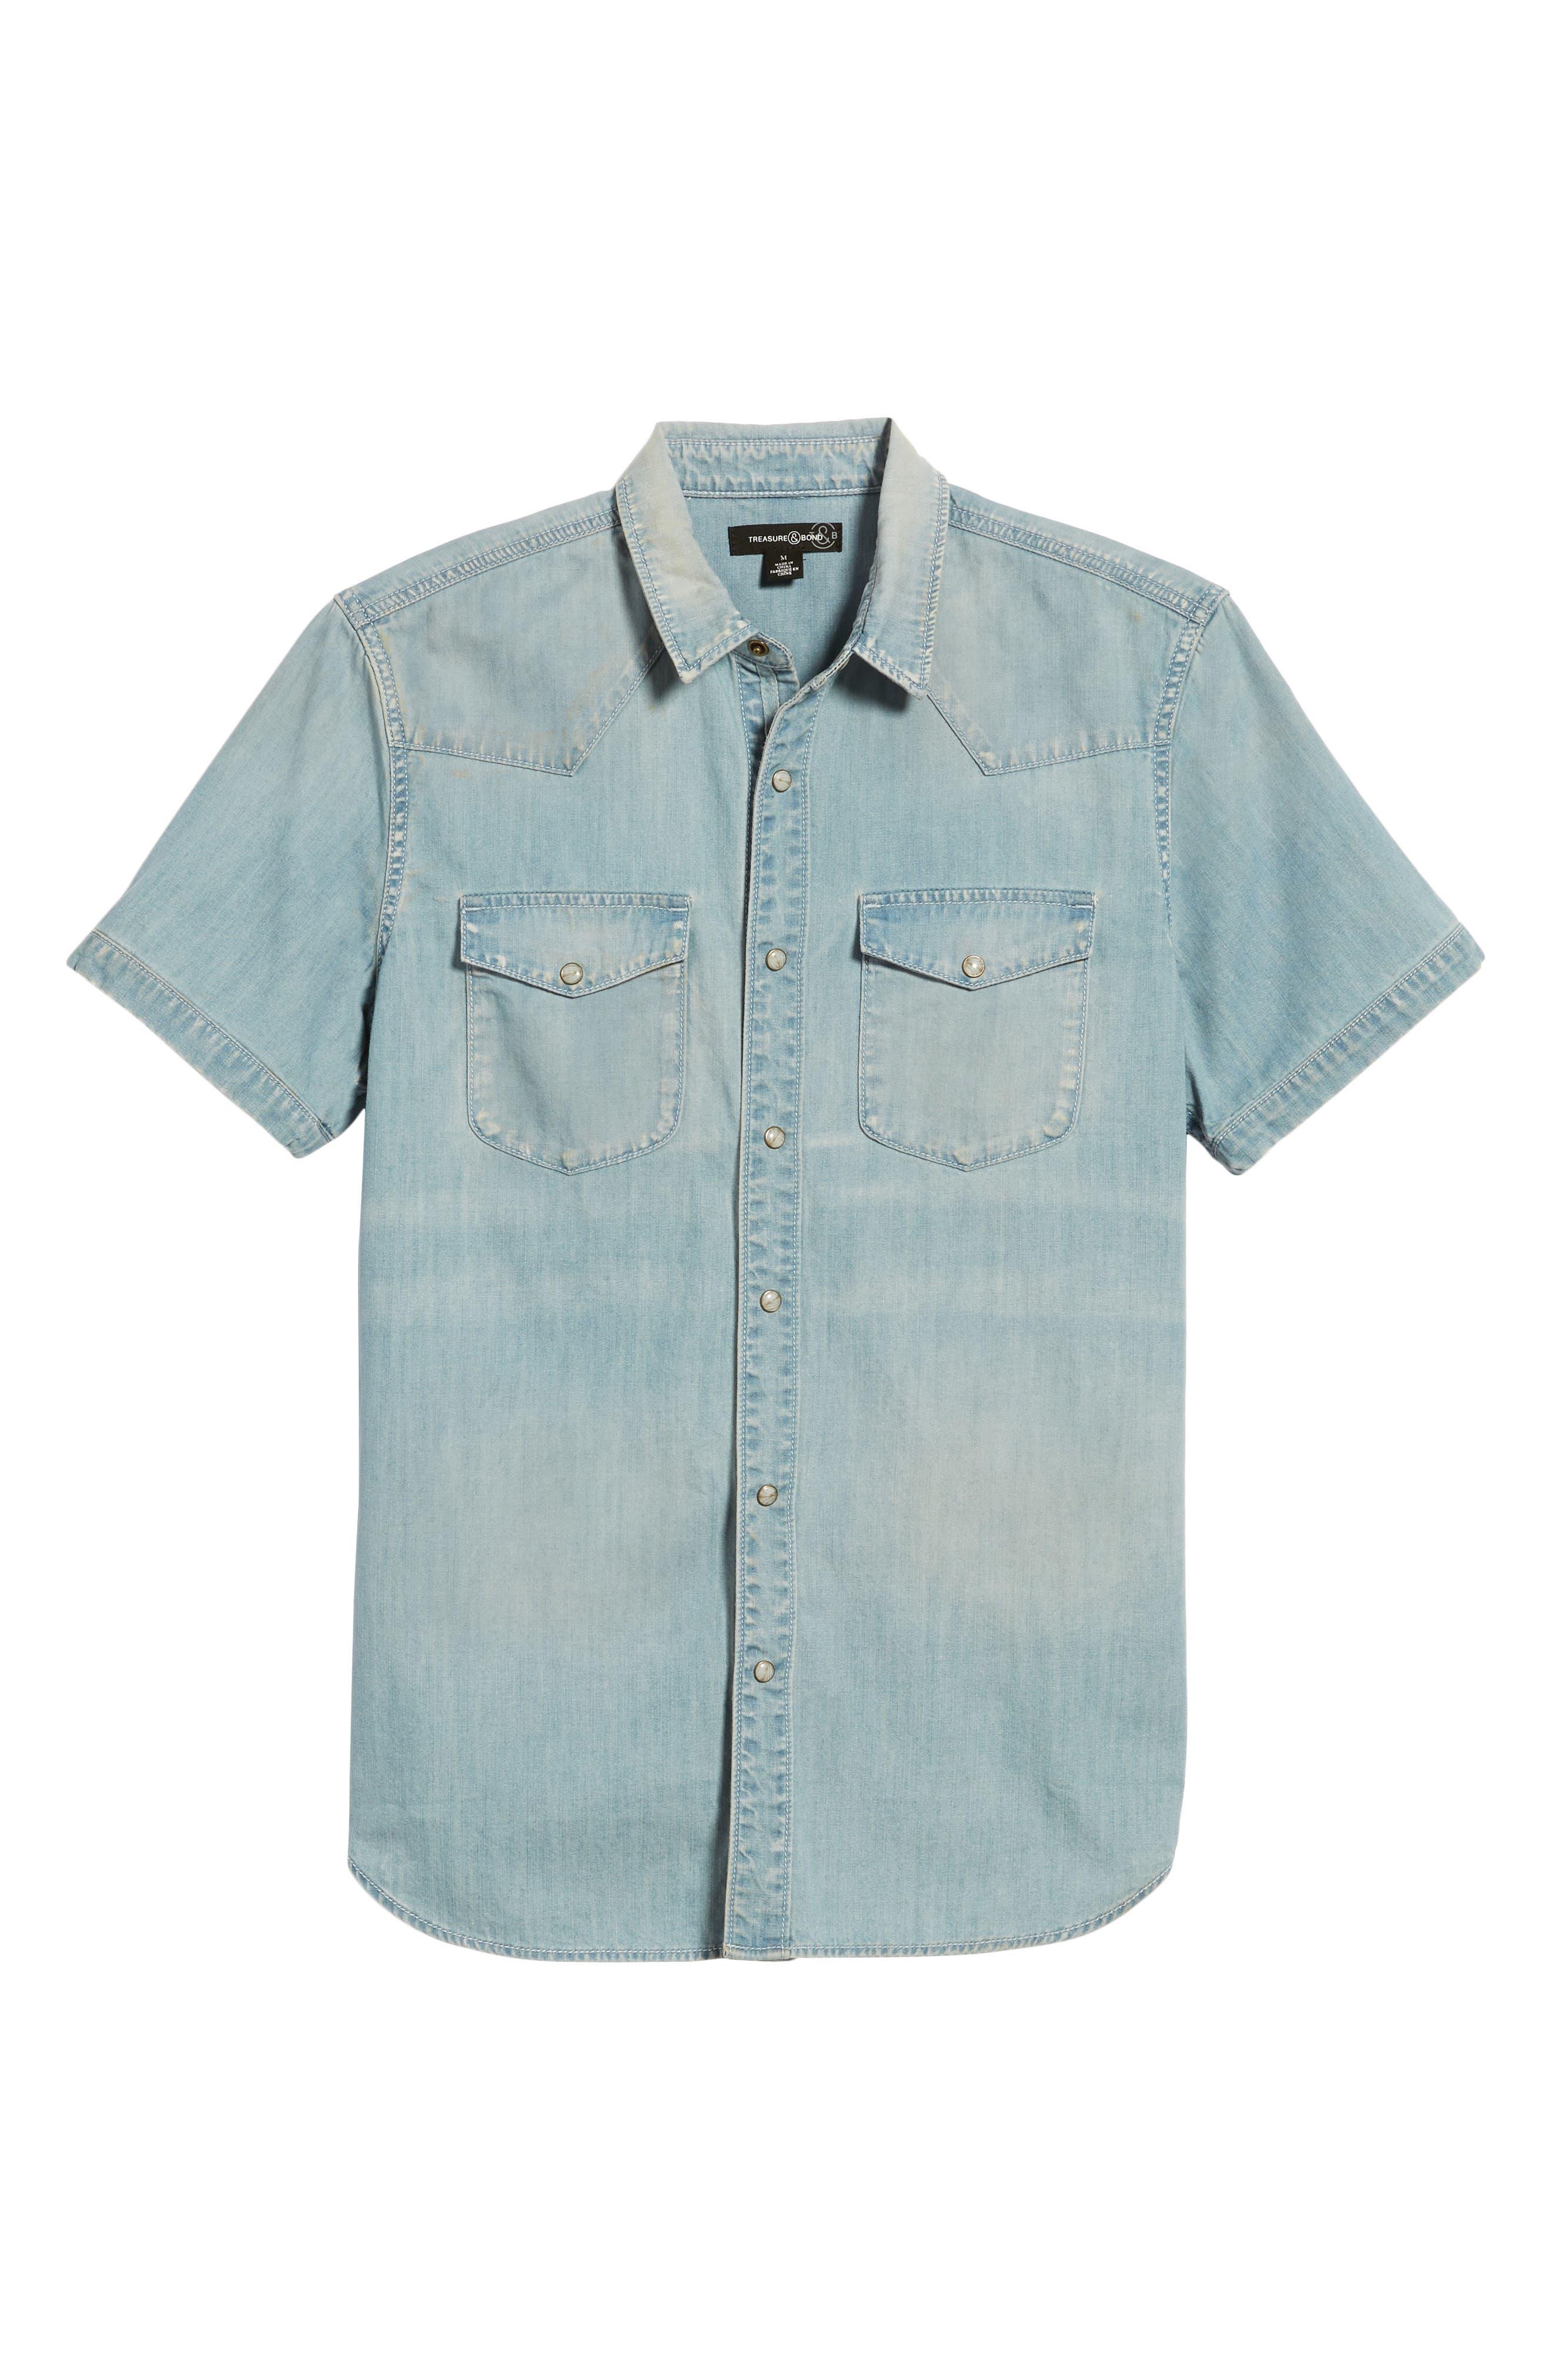 Slim Fit Western Denim Shirt,                             Alternate thumbnail 6, color,                             Blue Light Vintage Wash